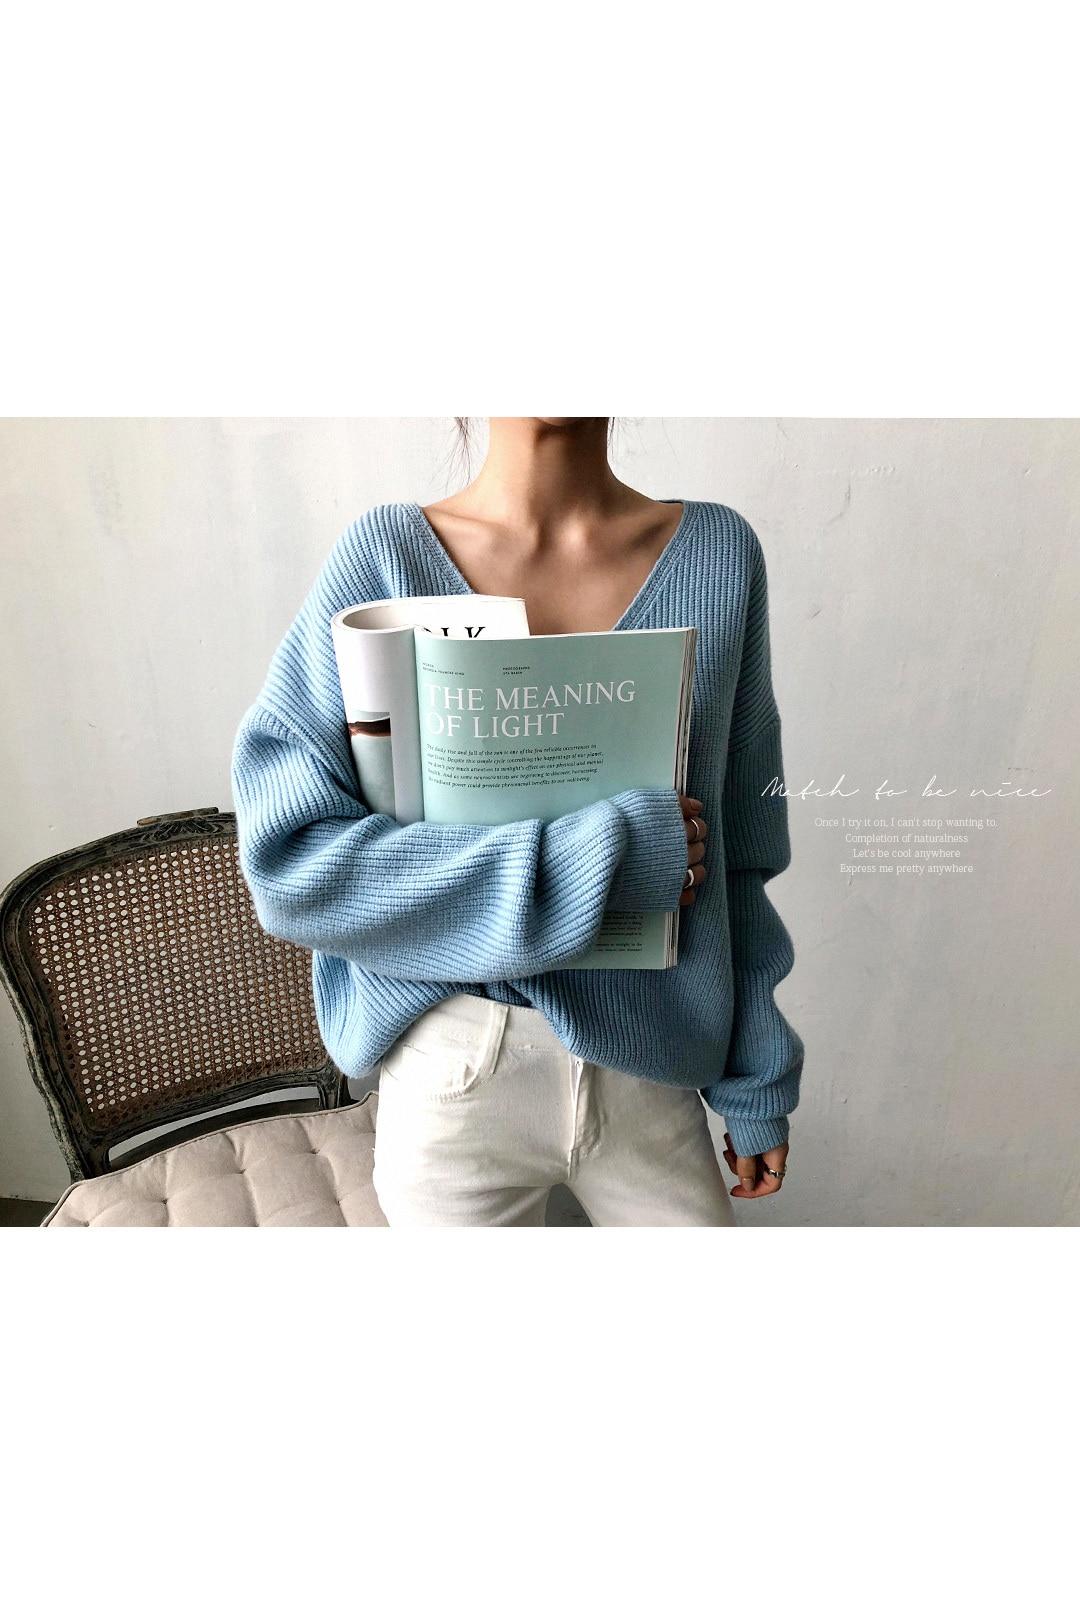 19 Winter Ovreiszed Sweater Women V Neck Black White Sweater Irregular Hen Knitted Tops 16